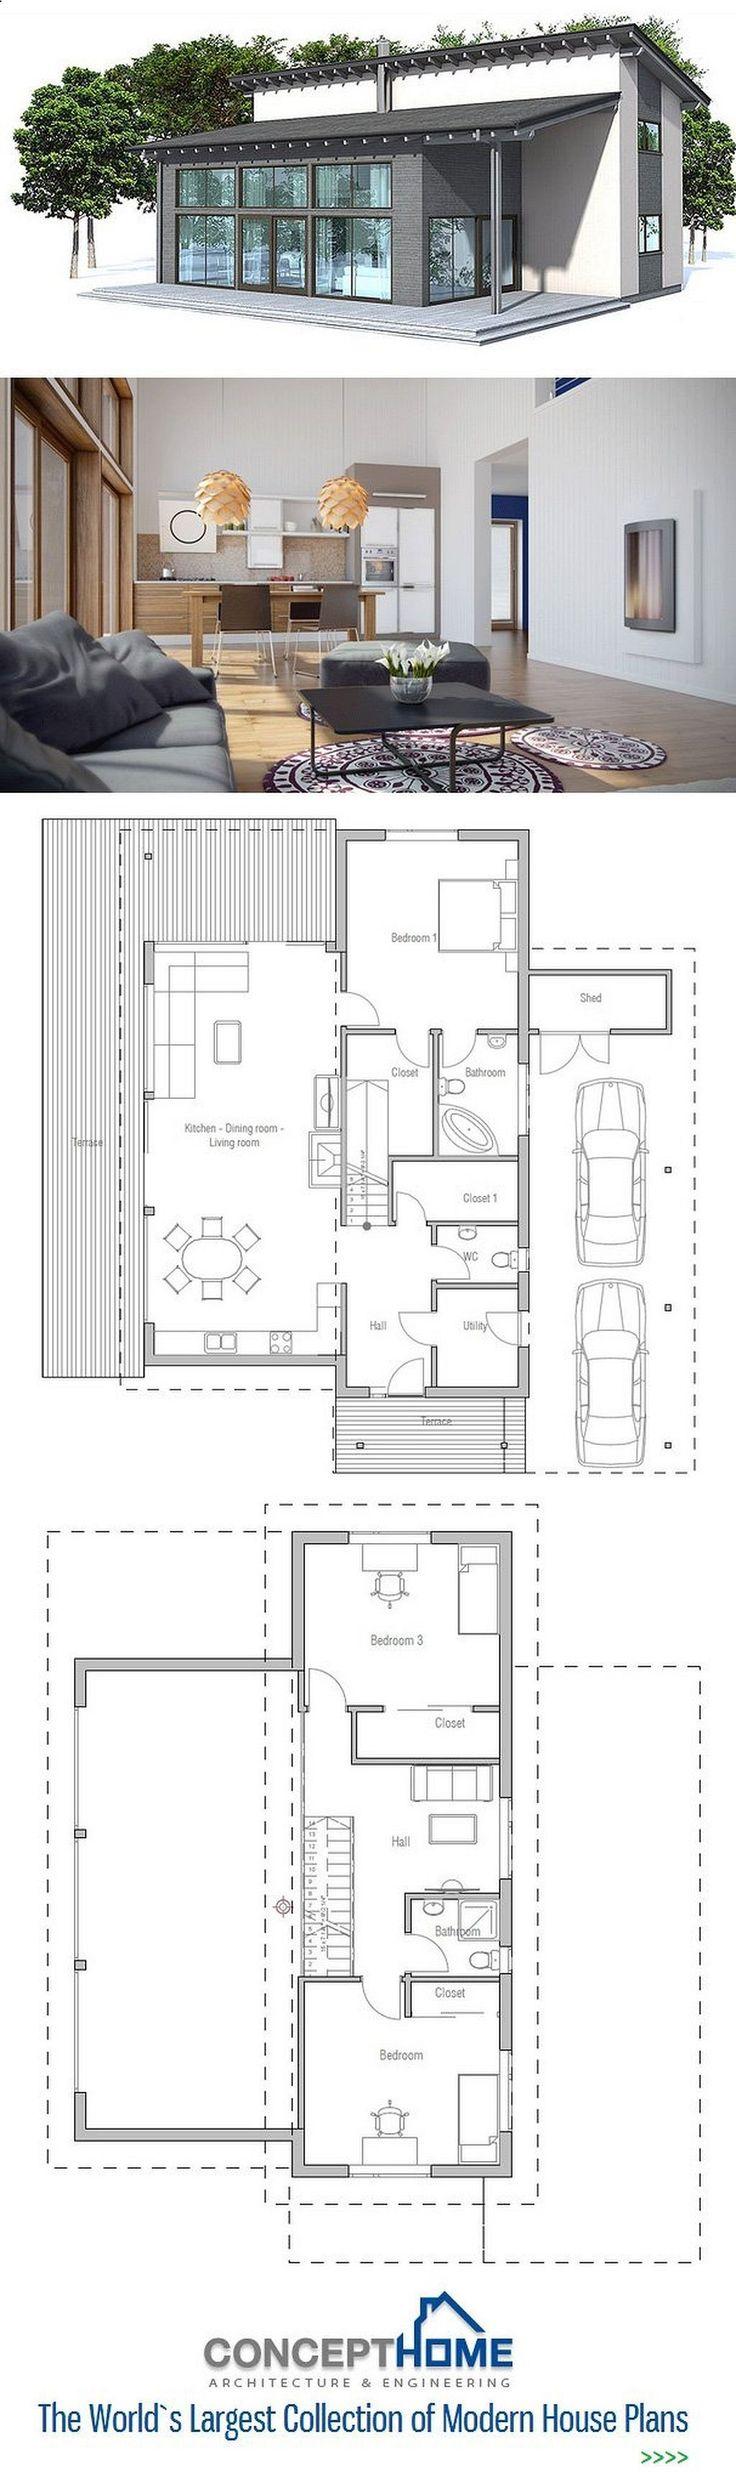 602 besten containerhaus bilder auf pinterest container container h user und architektur. Black Bedroom Furniture Sets. Home Design Ideas